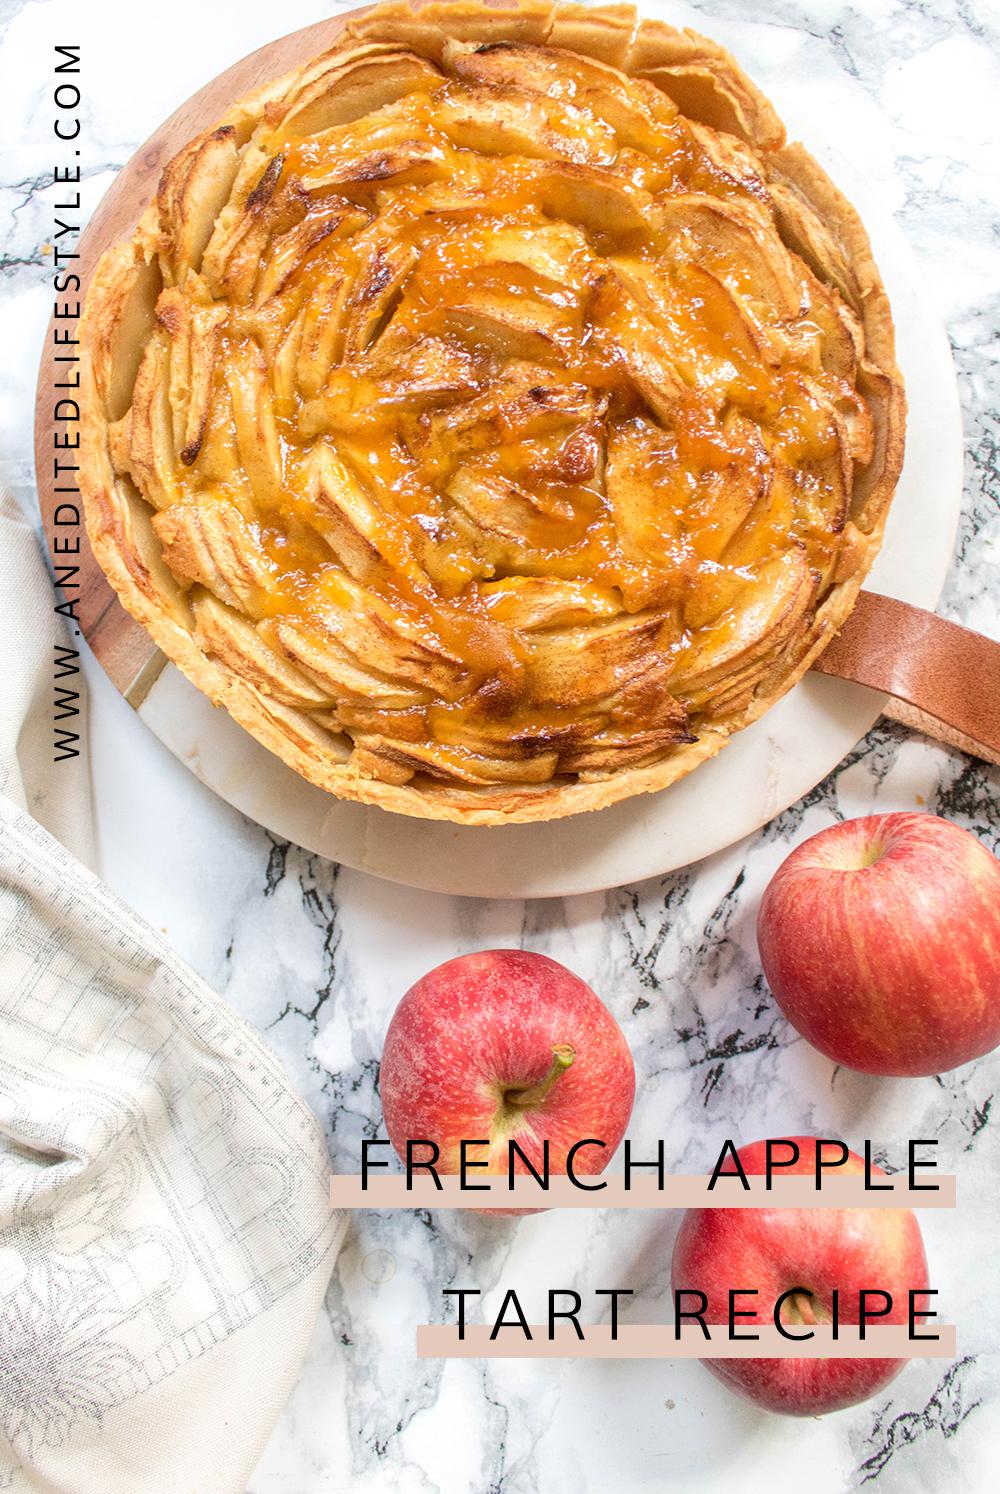 french apple tart recipe pinterest